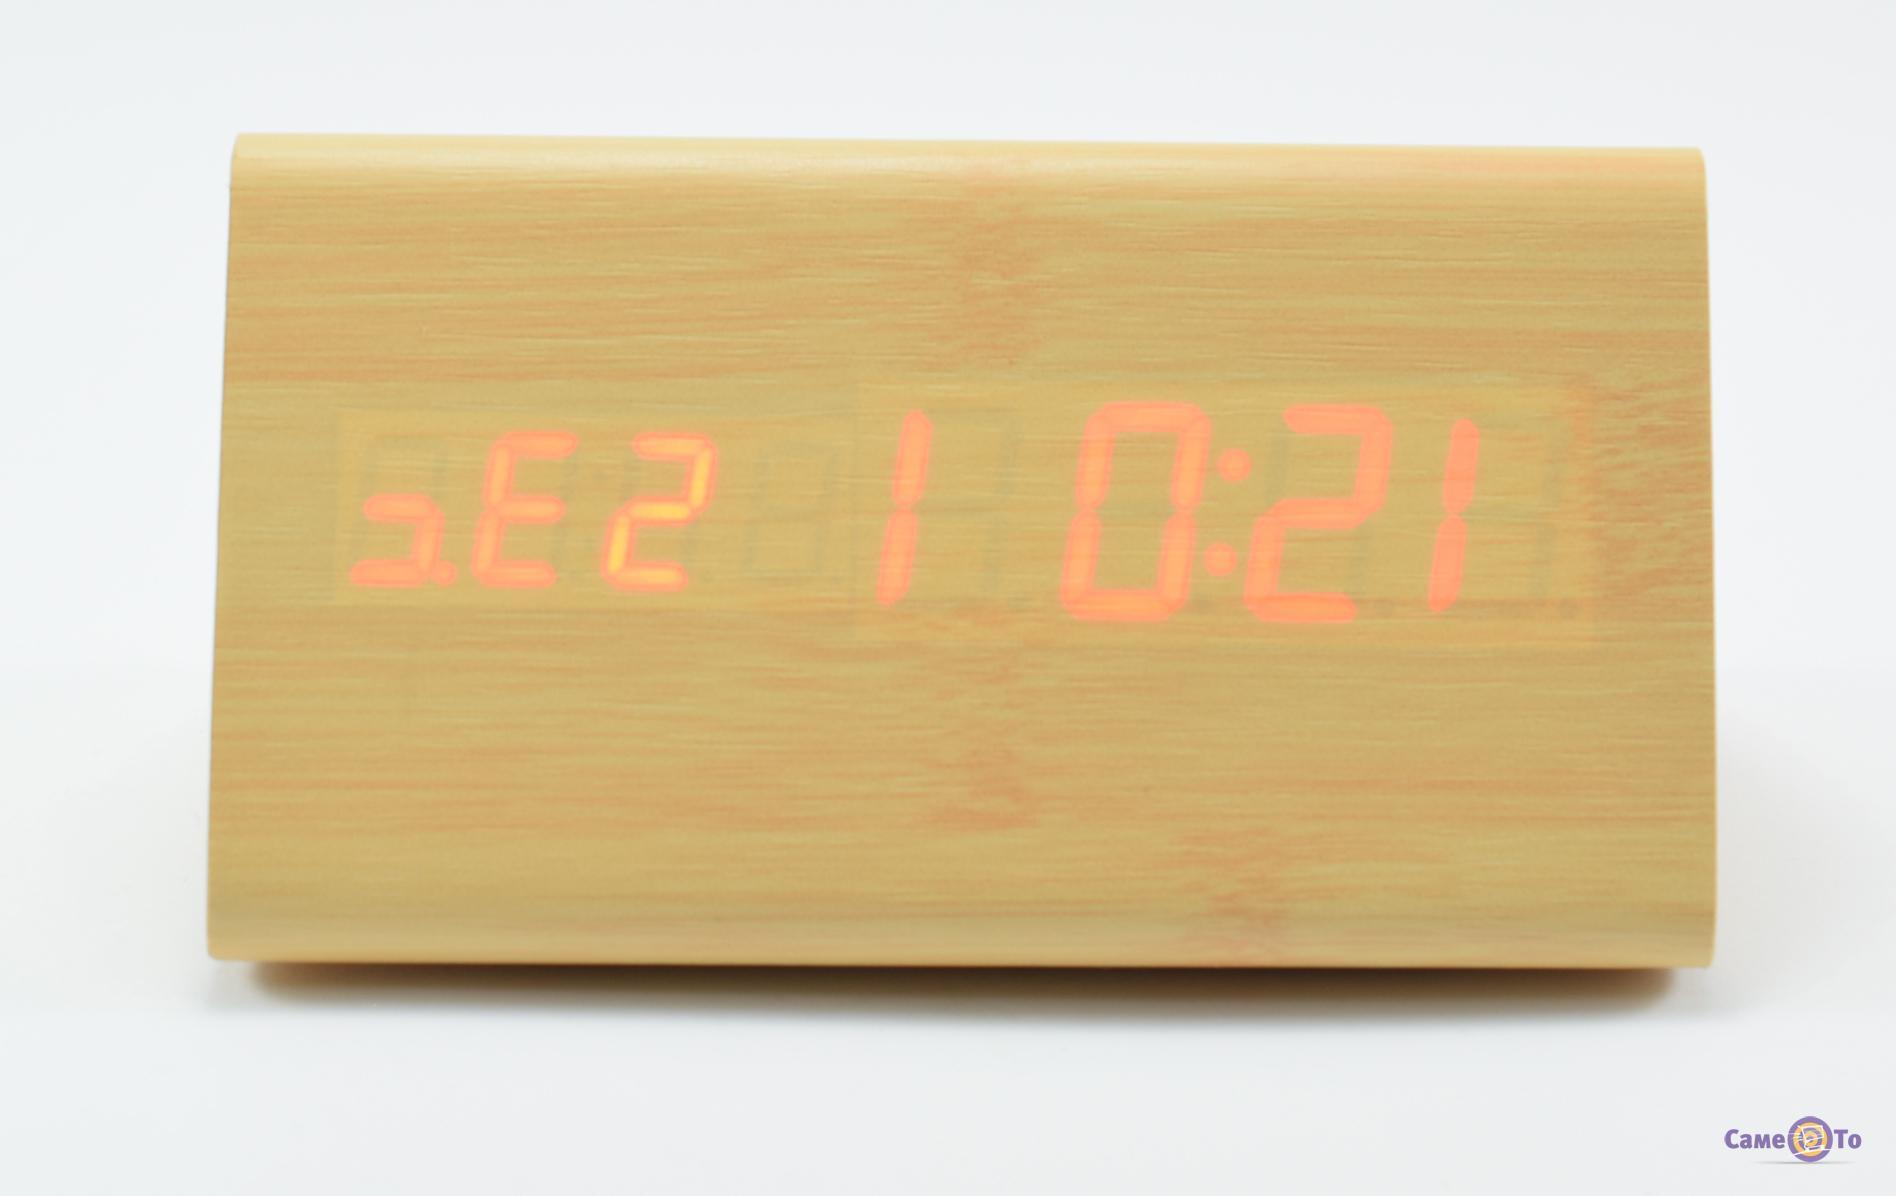 Электронные часы с будильником, настольные VST-861